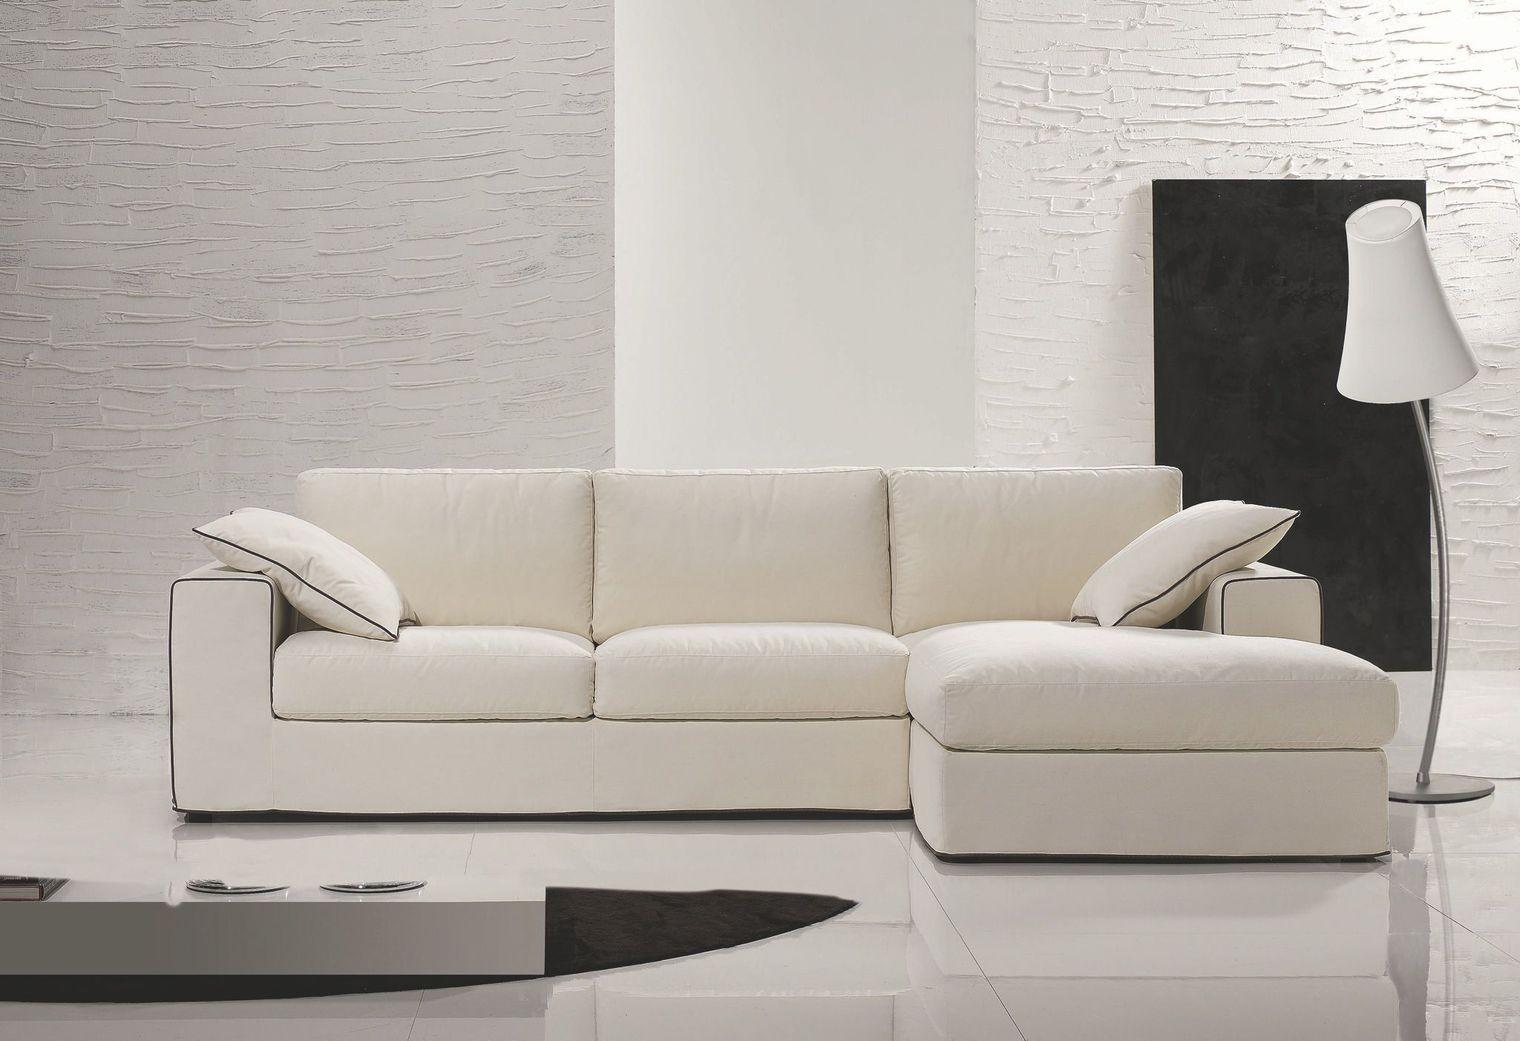 Housse en tissu pour canape dangle canap id es de d coration de maison - Recouvrir un canape en cuir ...